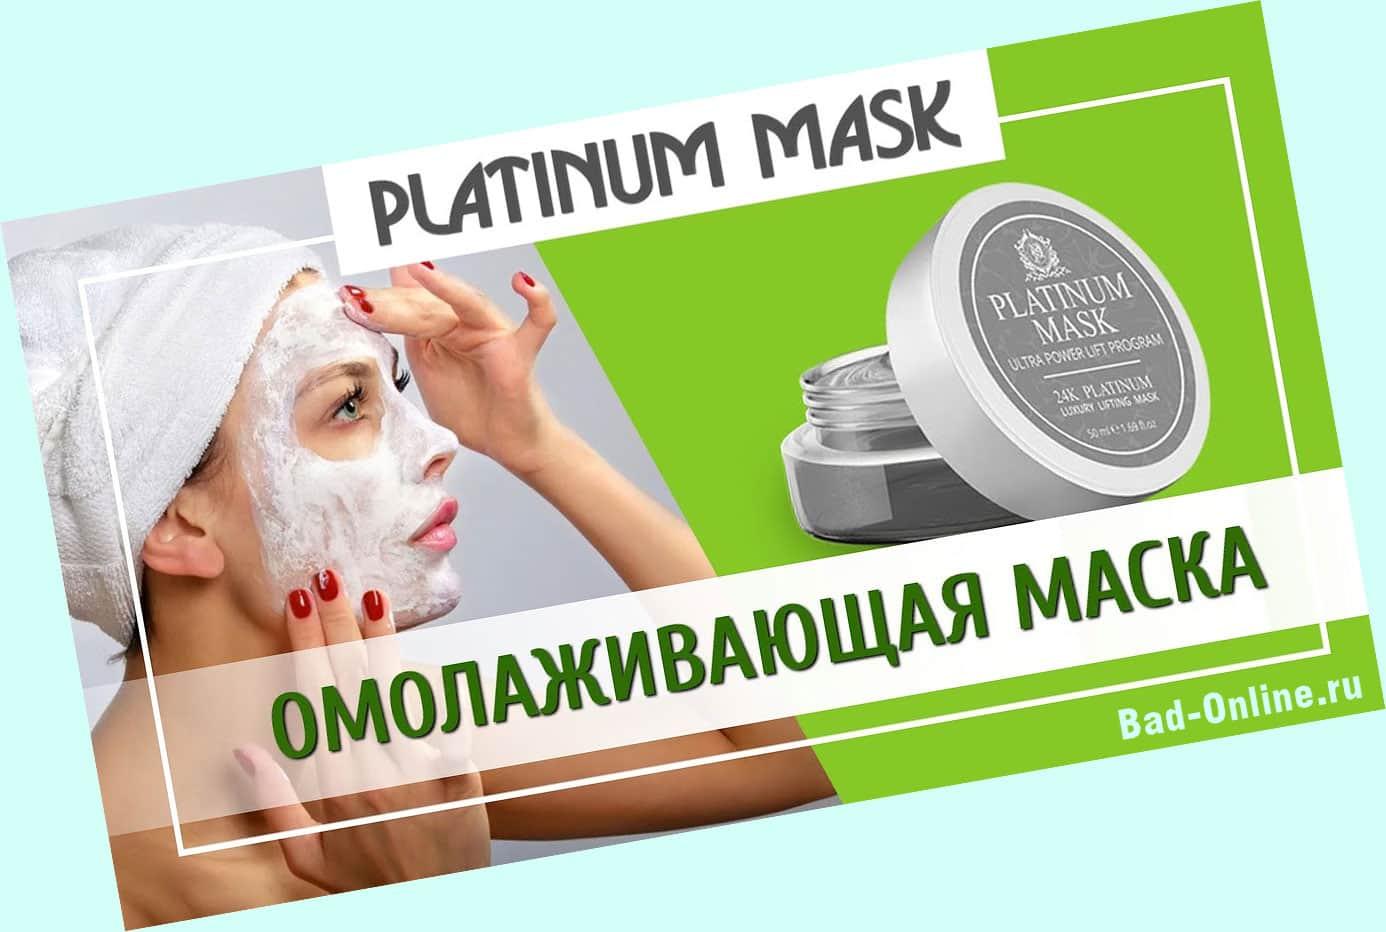 В чем преимущества Platinum Mask для омоложения?